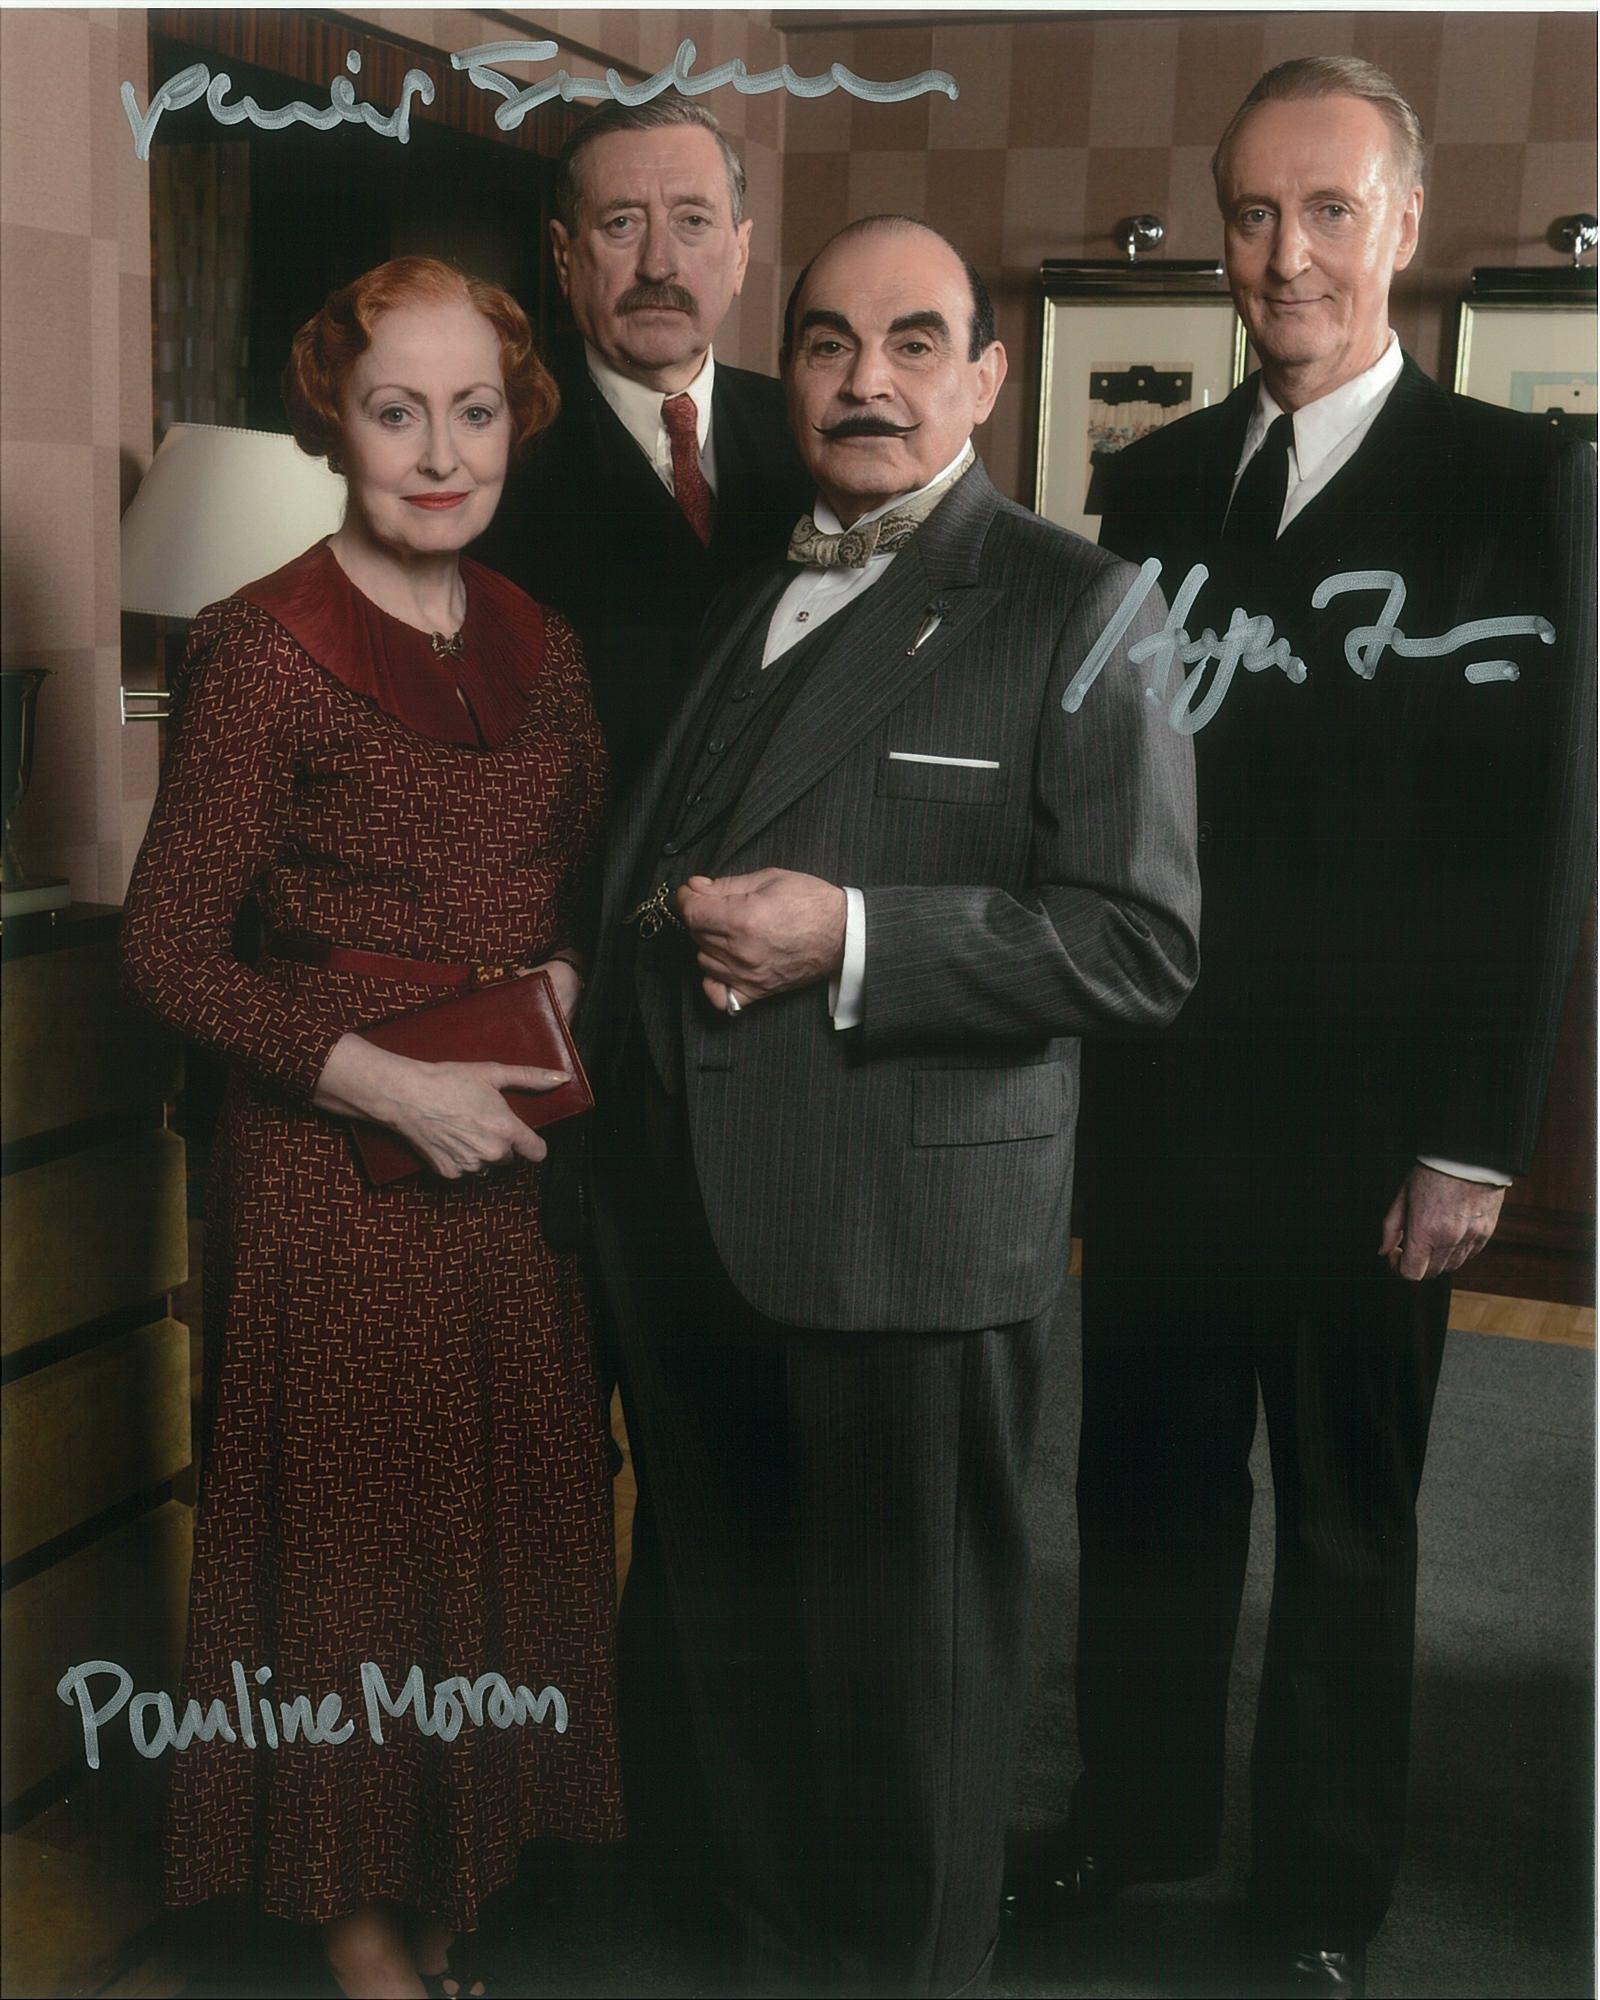 Pauline Moran married